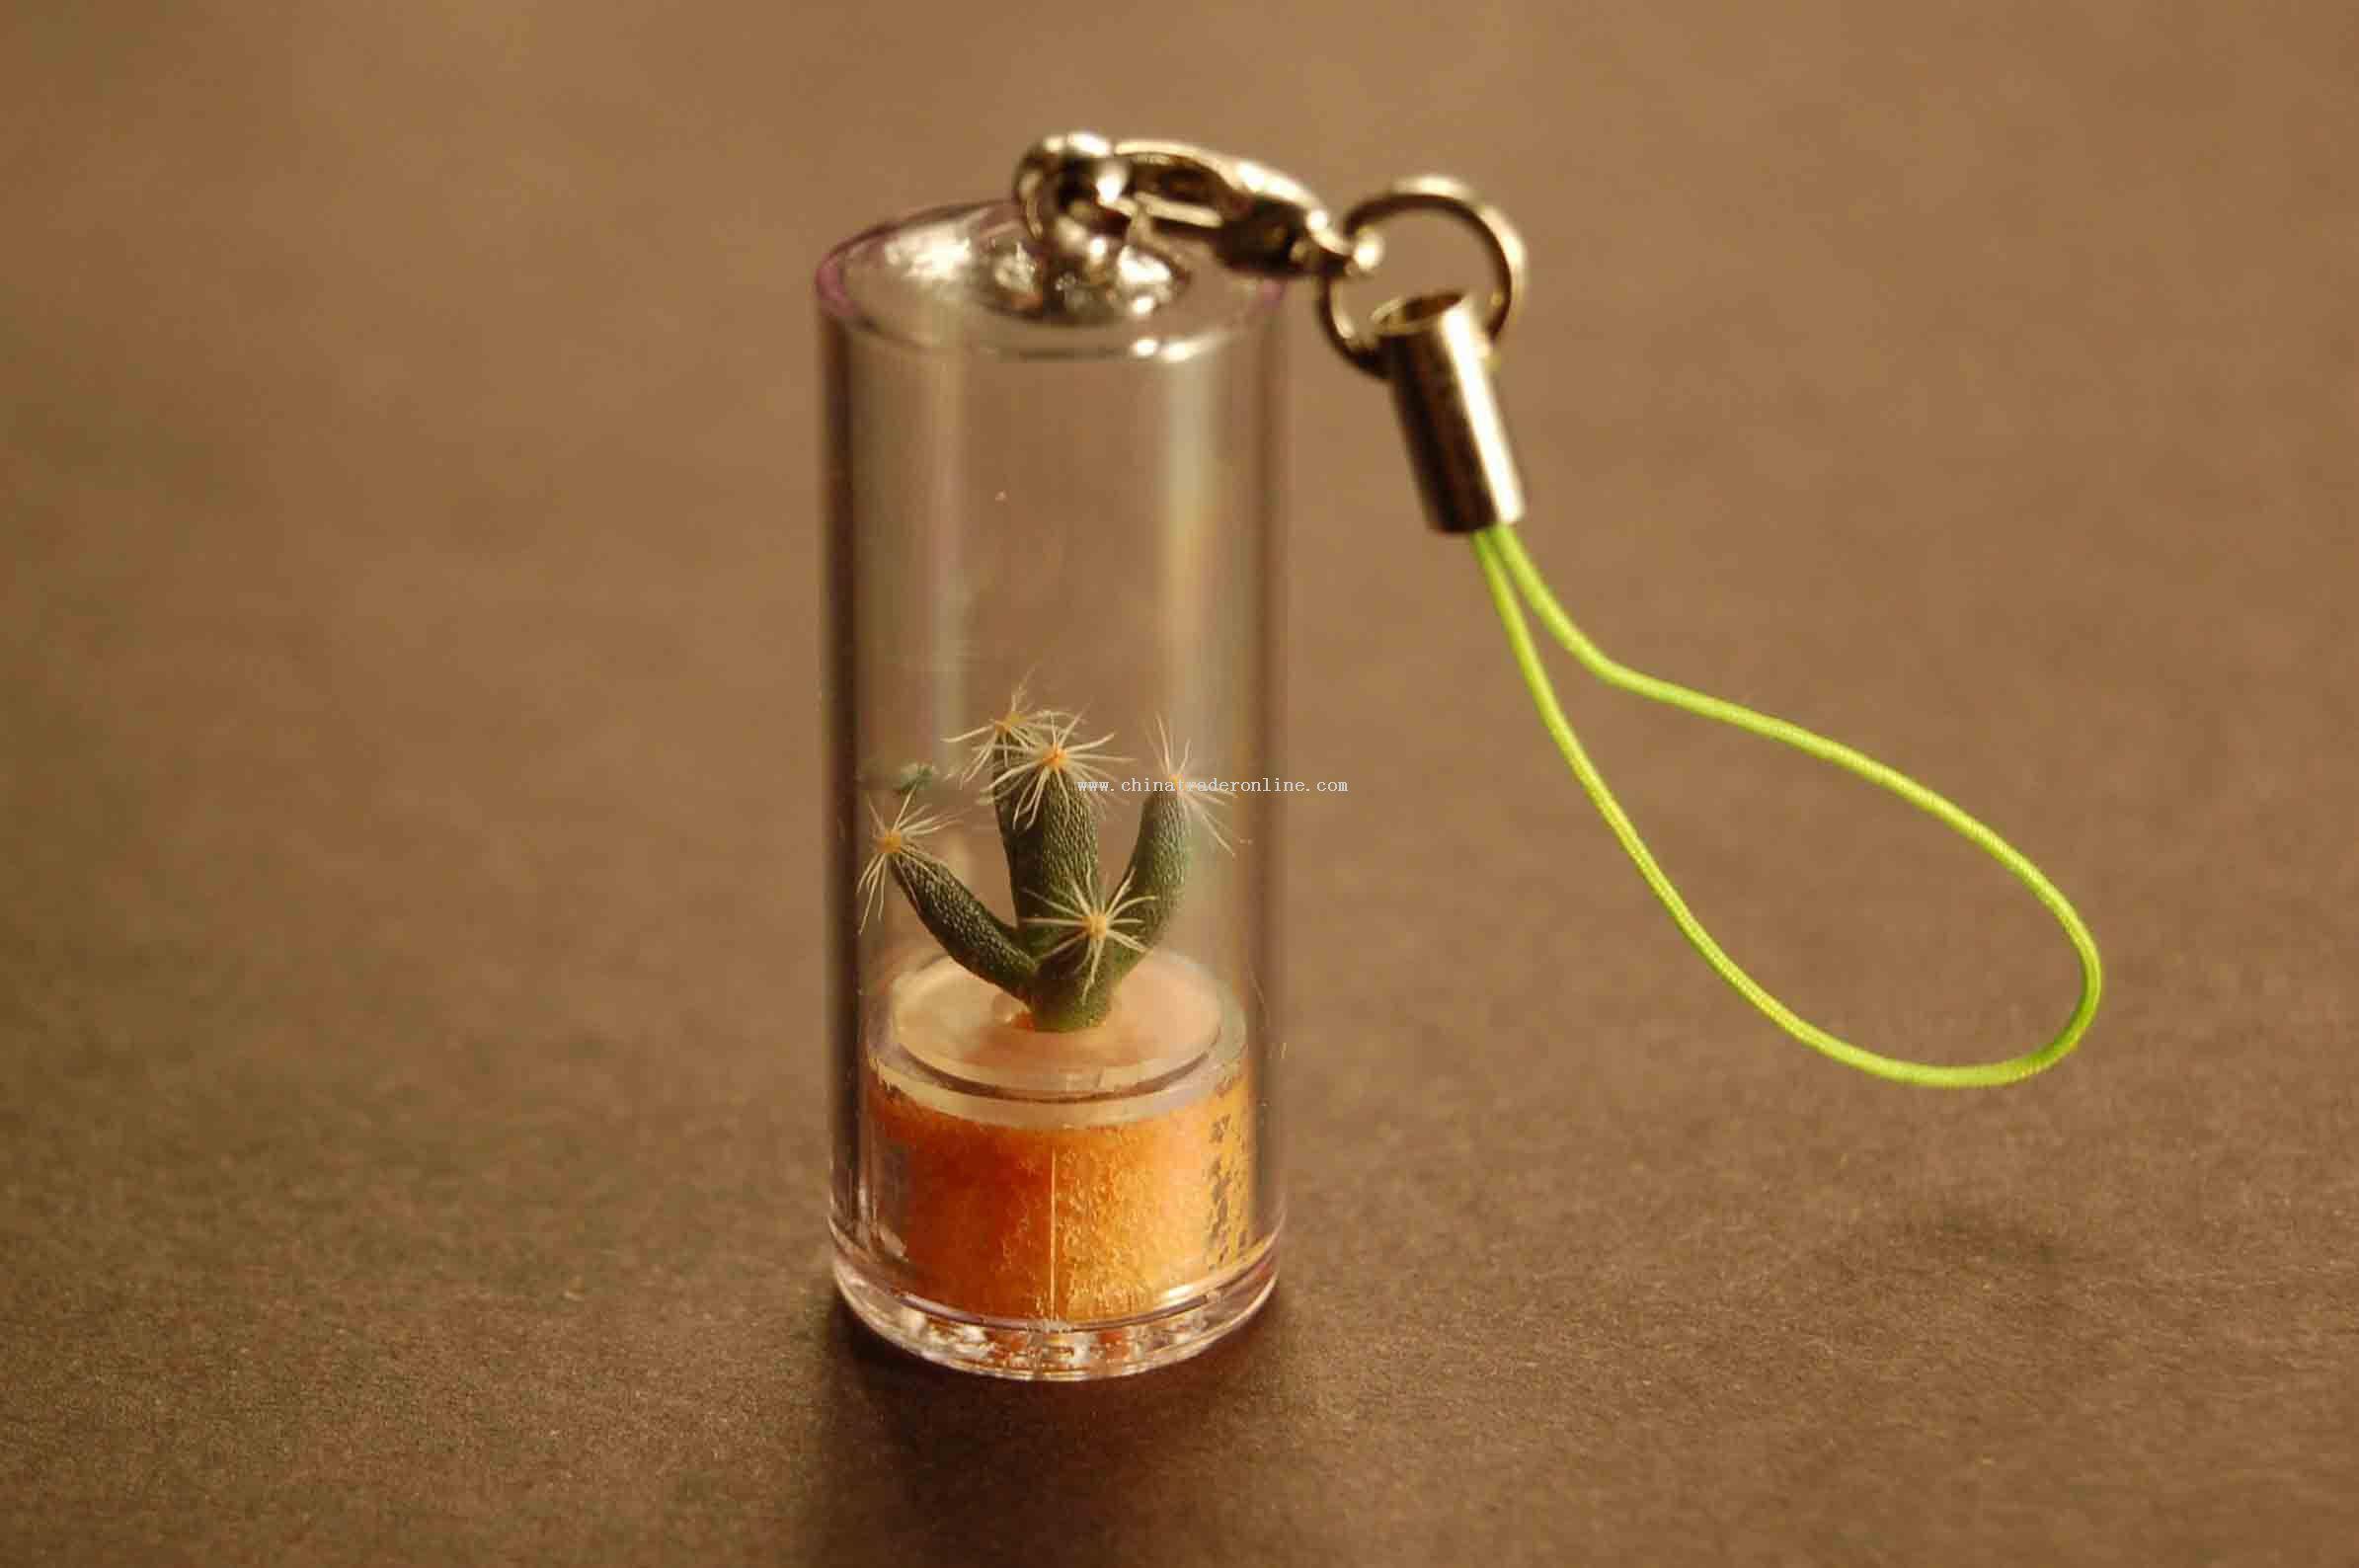 Miniuture plant Mobile Accessory